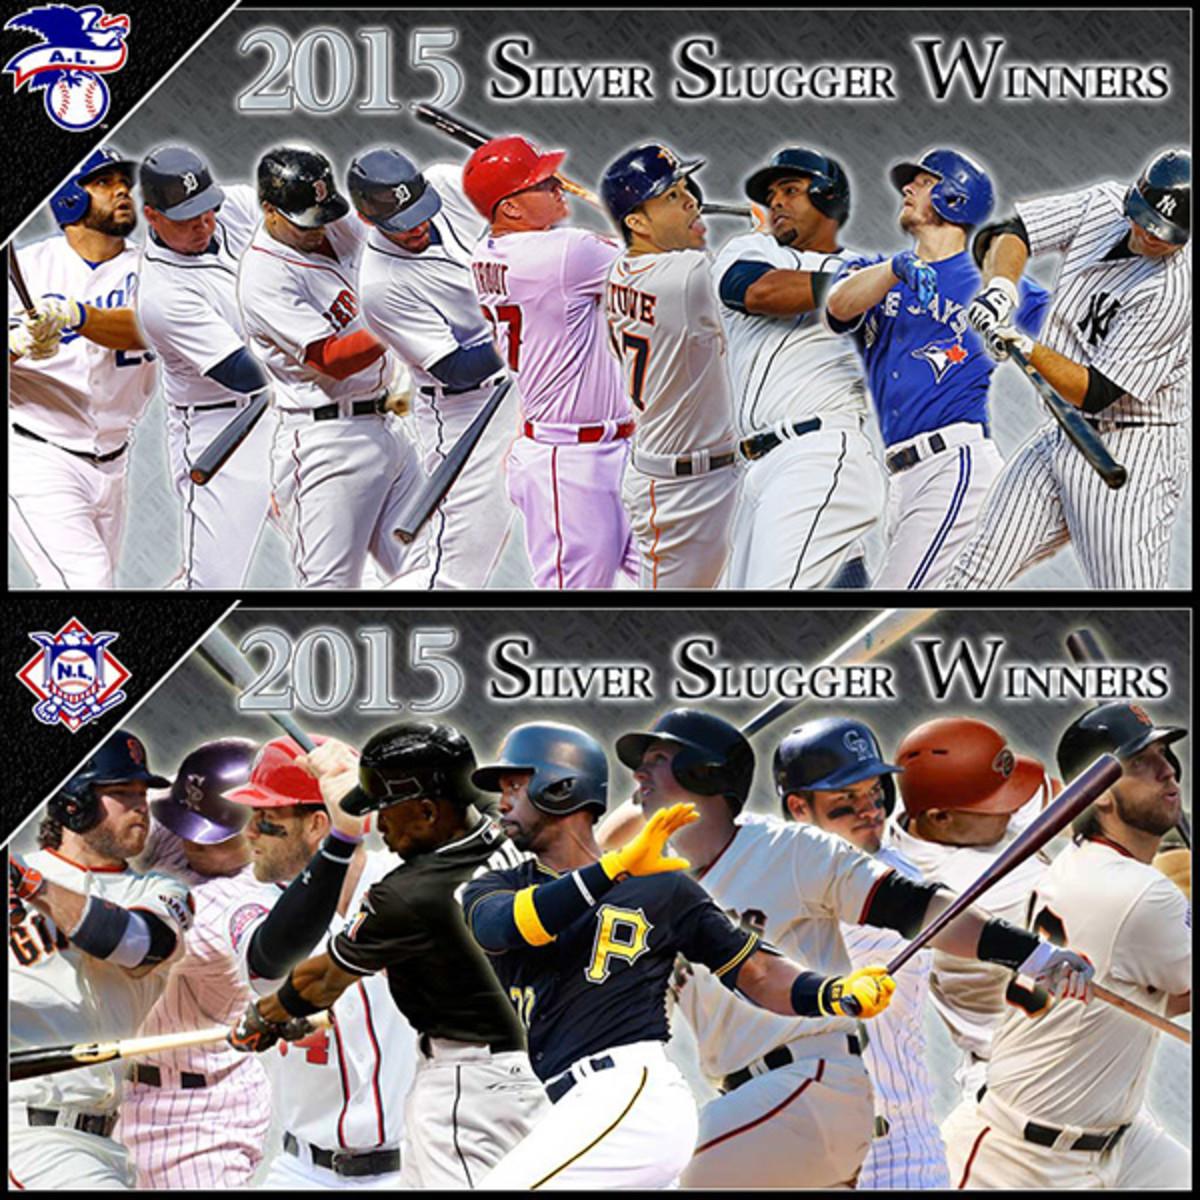 2015 silver sluggers major league baseball